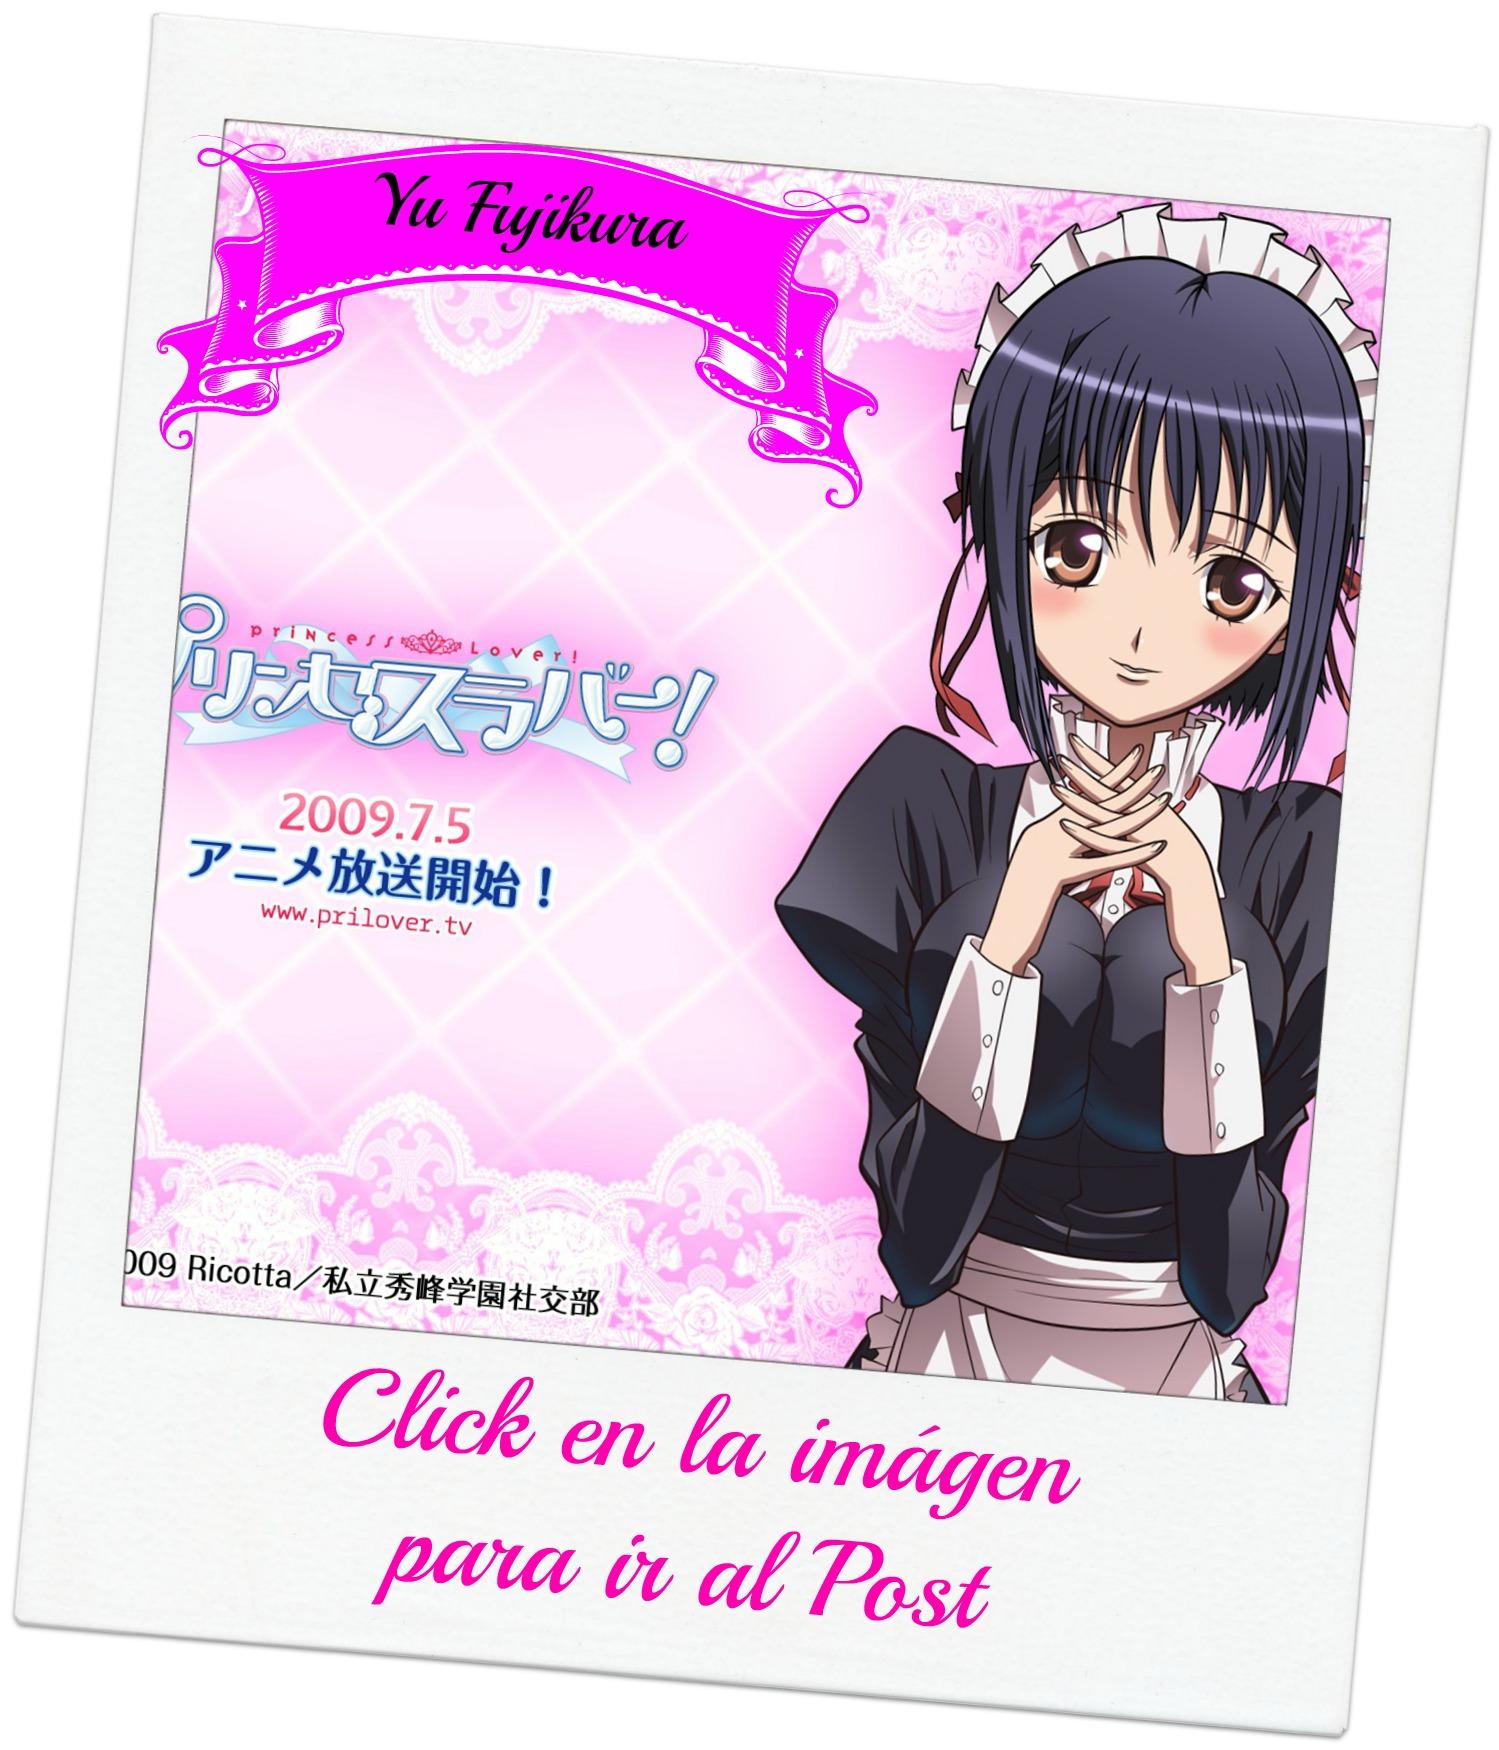 Hentai princess lover